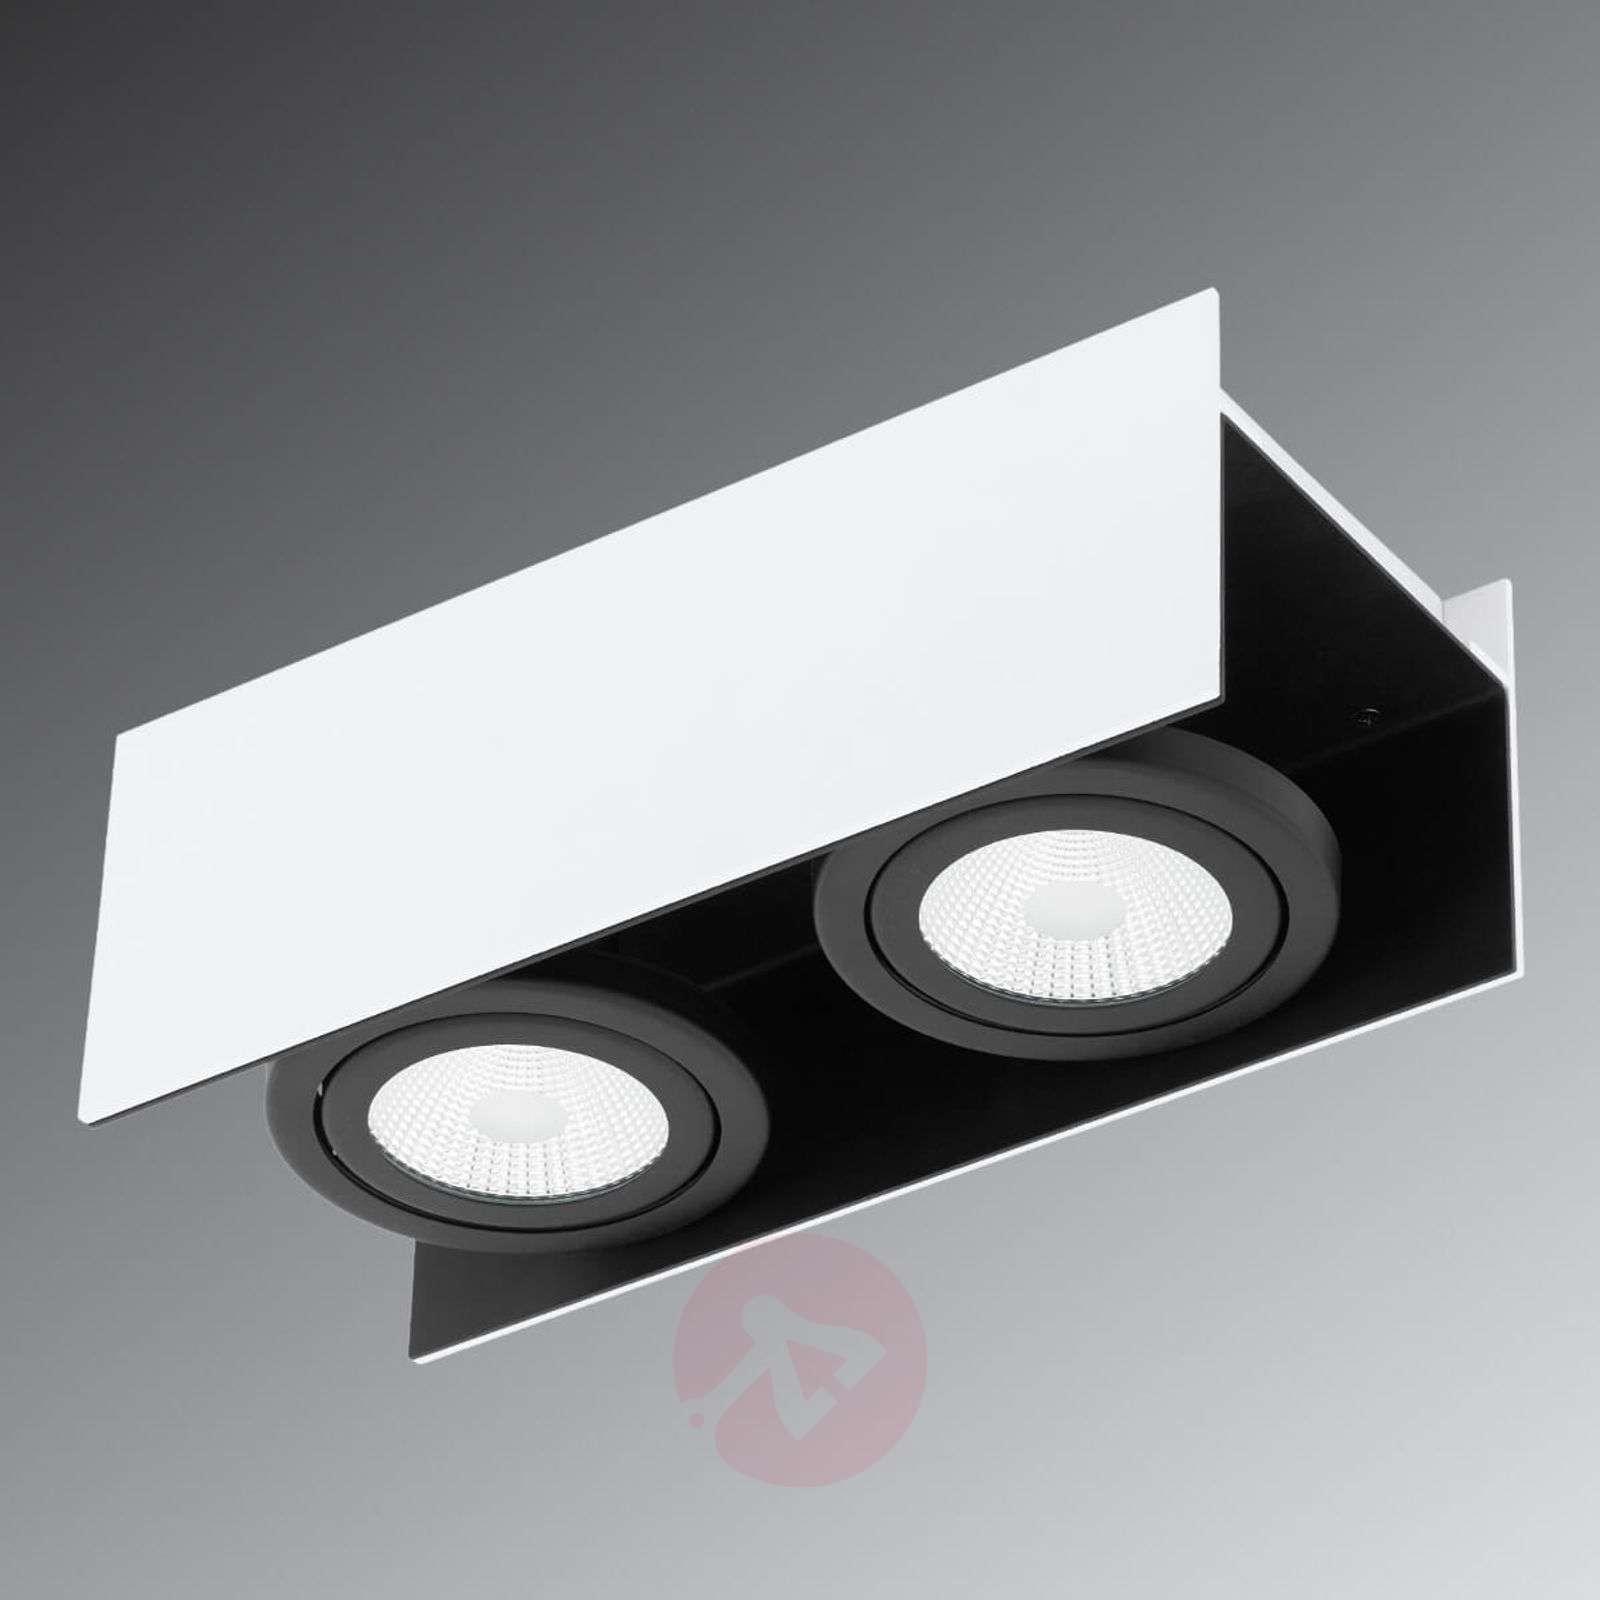 Kaksilamppuinen LED-kattokohdevalaisin Vidago-3032032-01